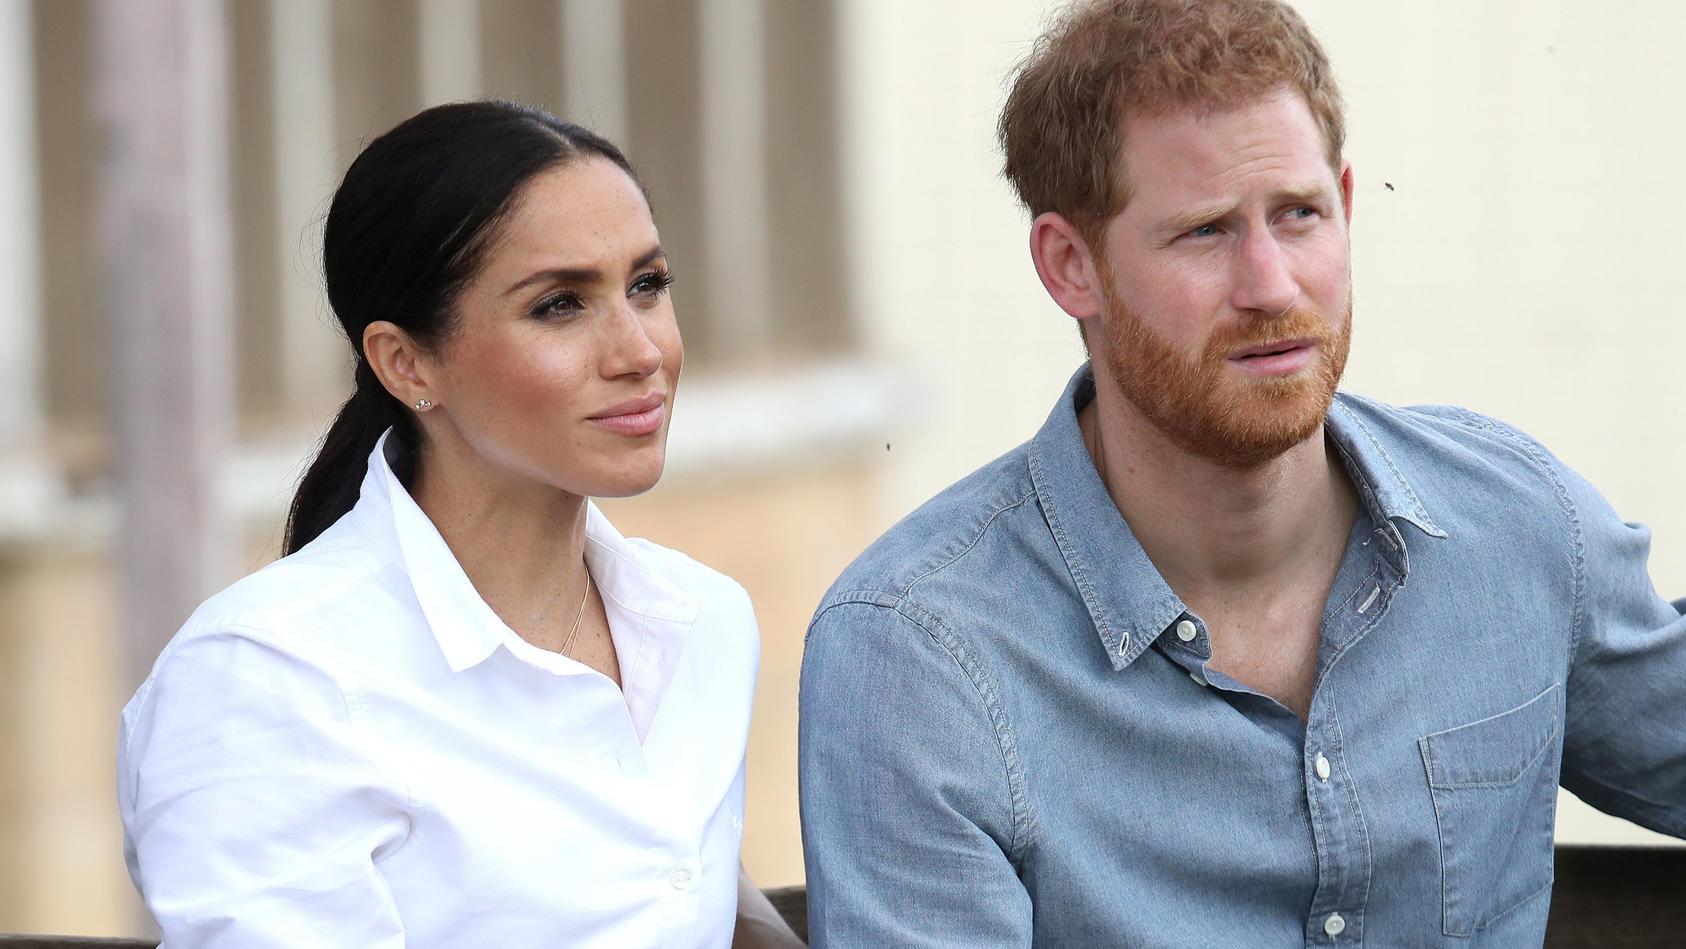 Herzogin Meghan und Prinz Harry erheben schwere Rassismus-Vorwürfe gegen das britische Königshaus